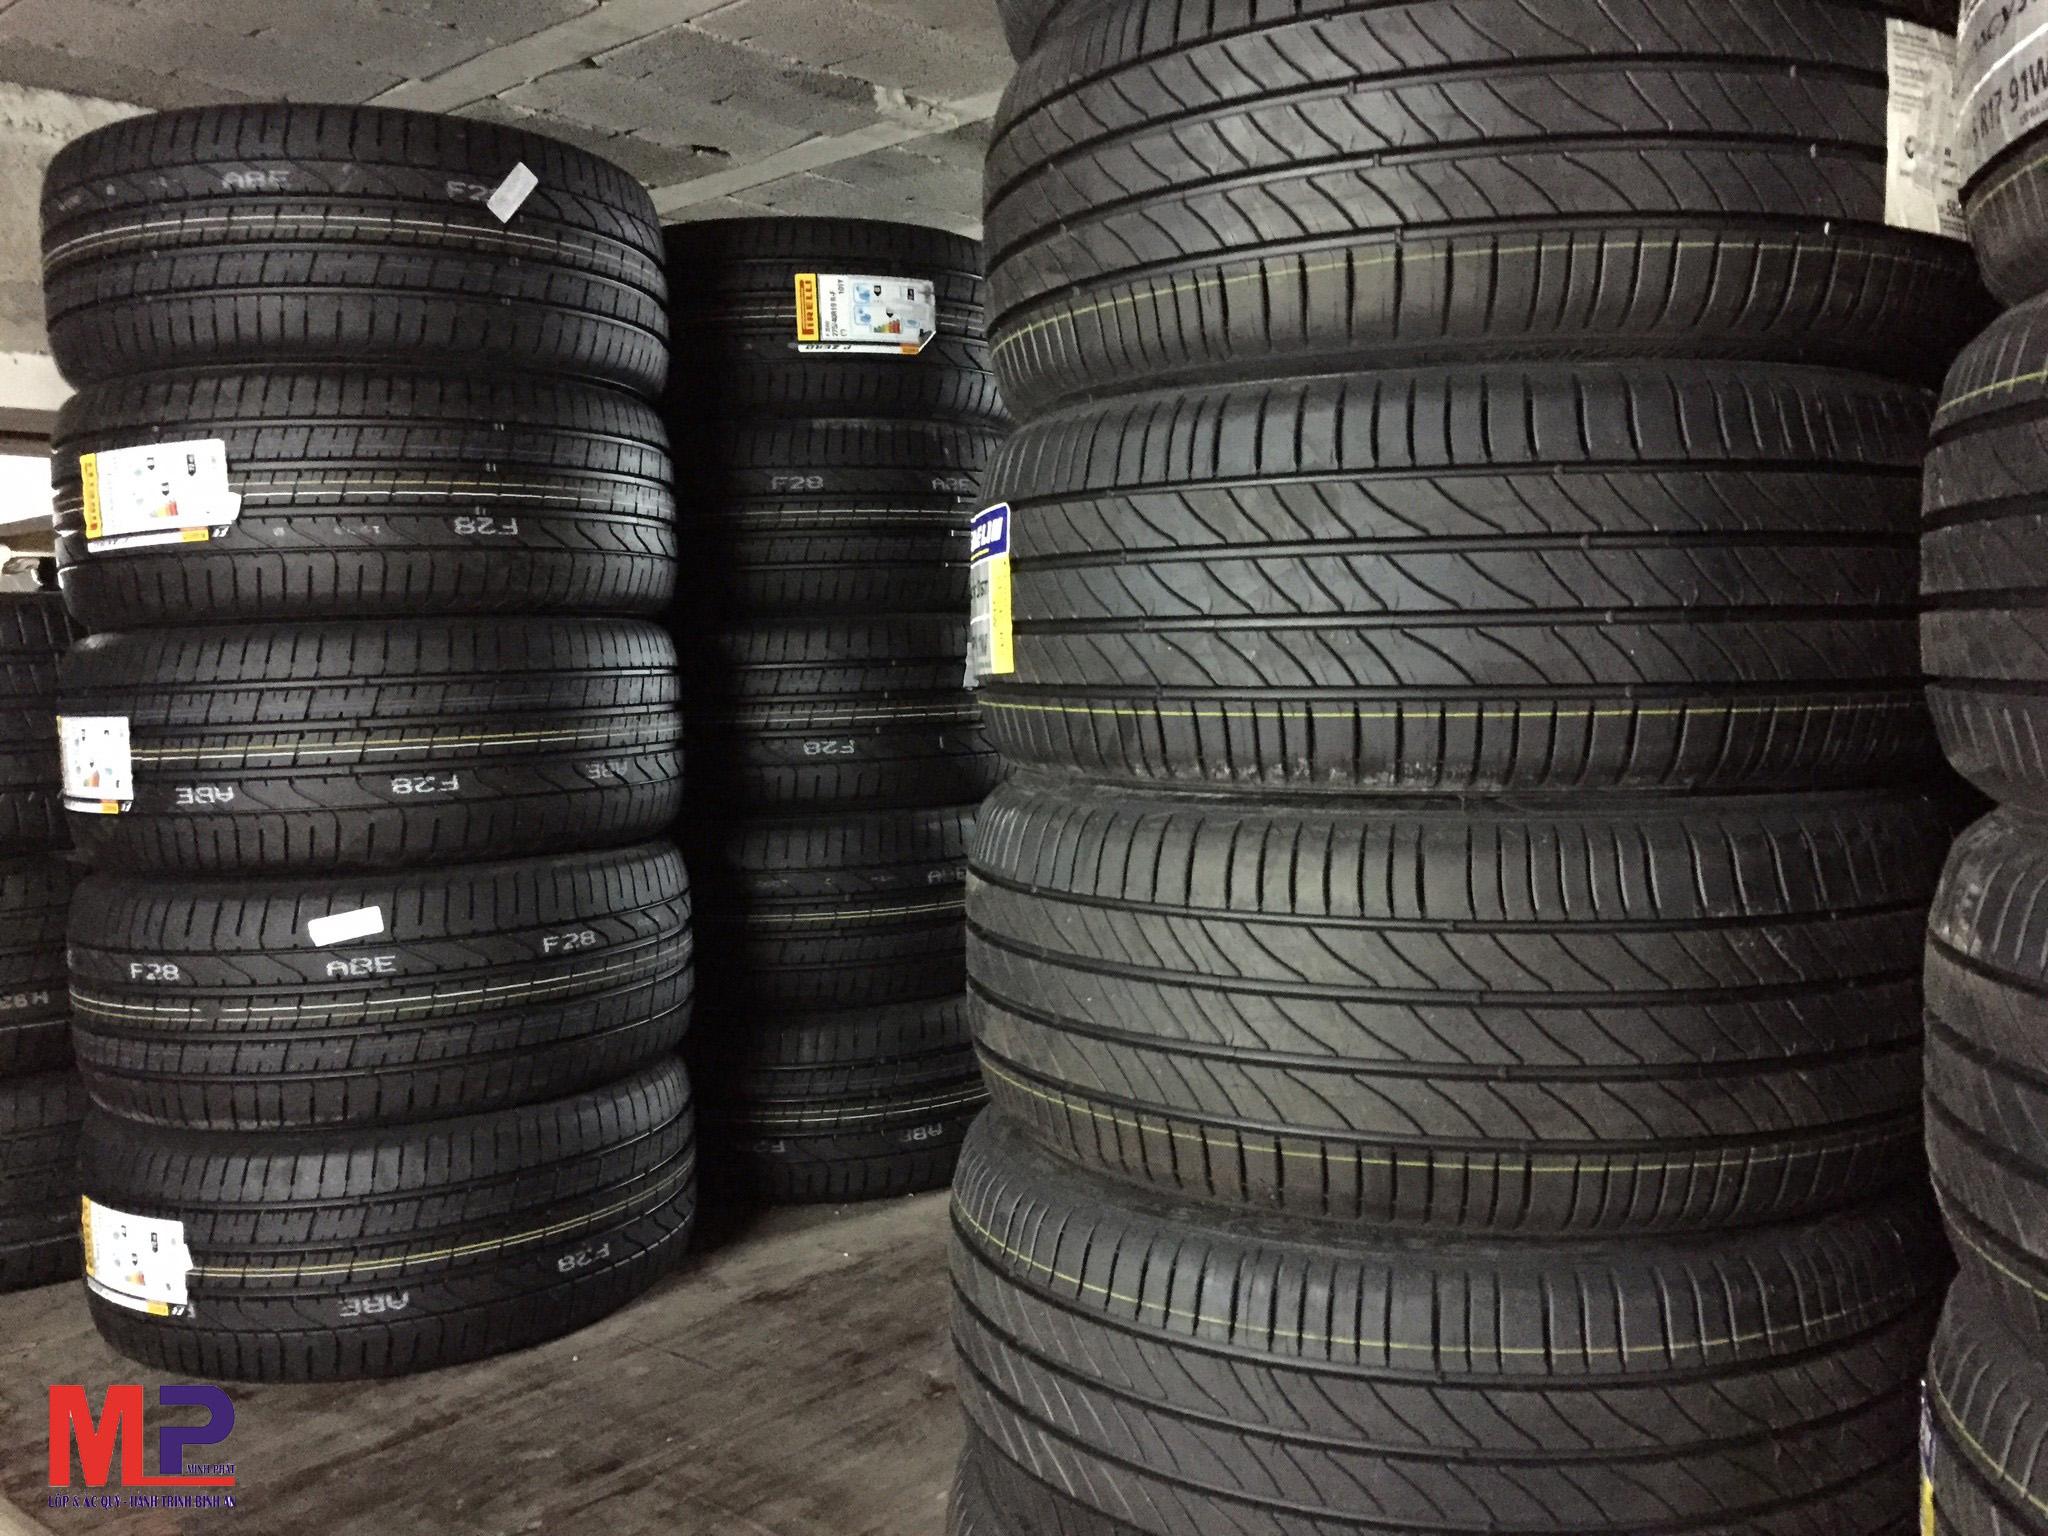 Minh Phát Hà Nội chuyên cung cấp các dòng lốp xe du lịch uy tín chất lượng